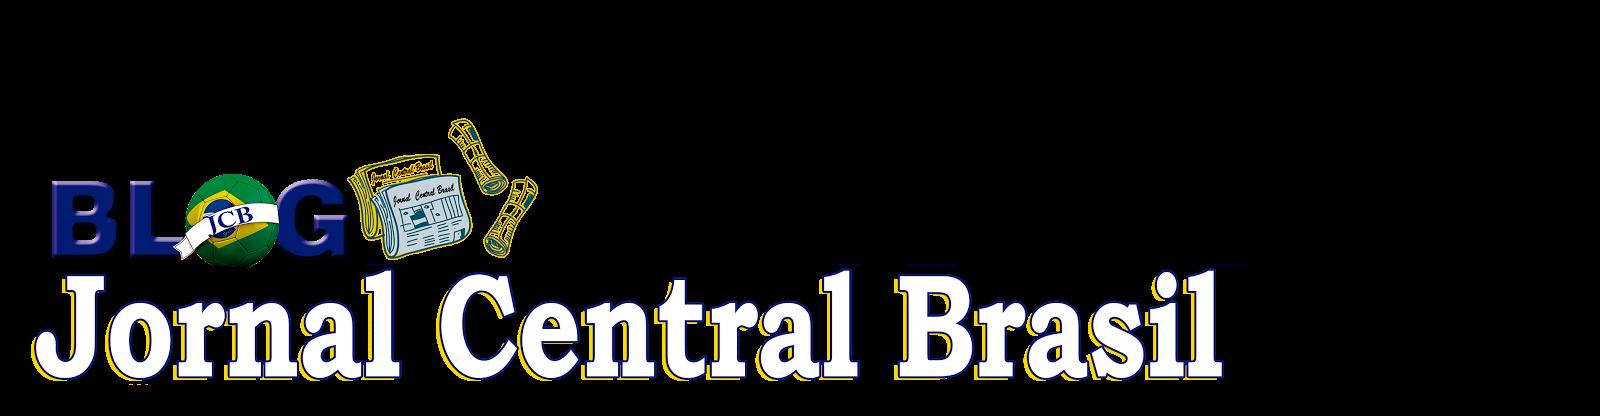 Jornal Central Brasil DF